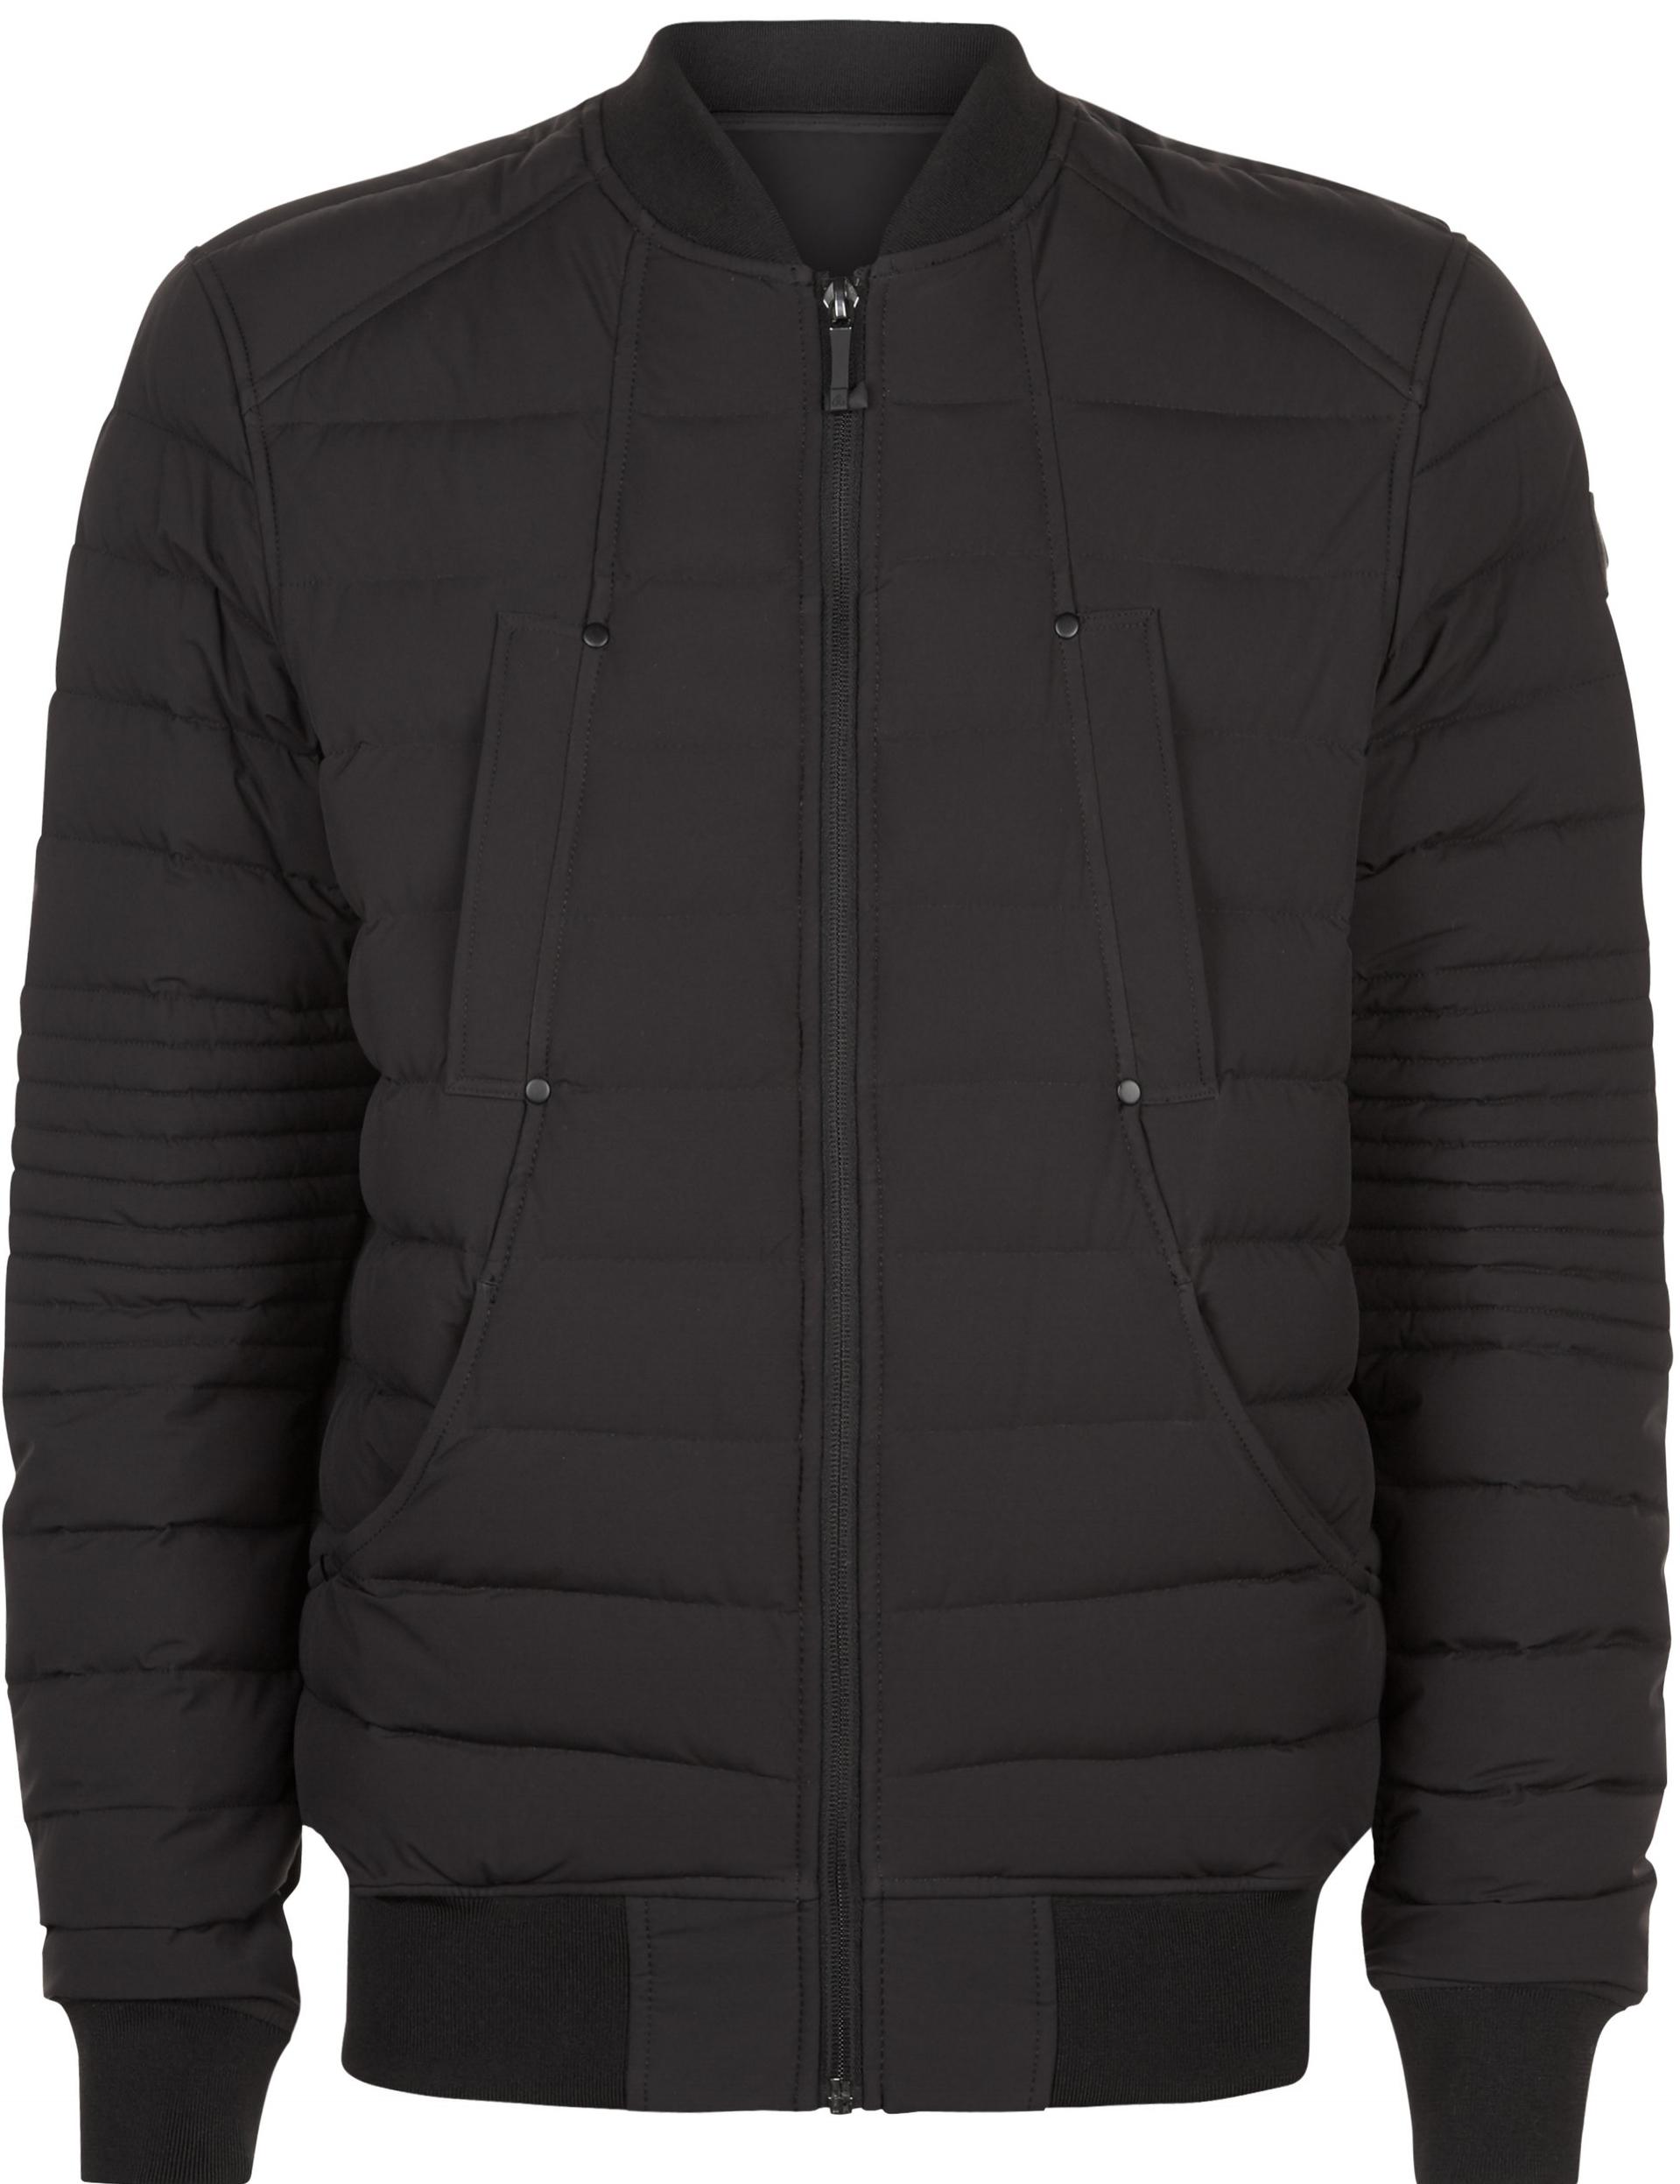 Moose Knuckles Forman Jacket, $475